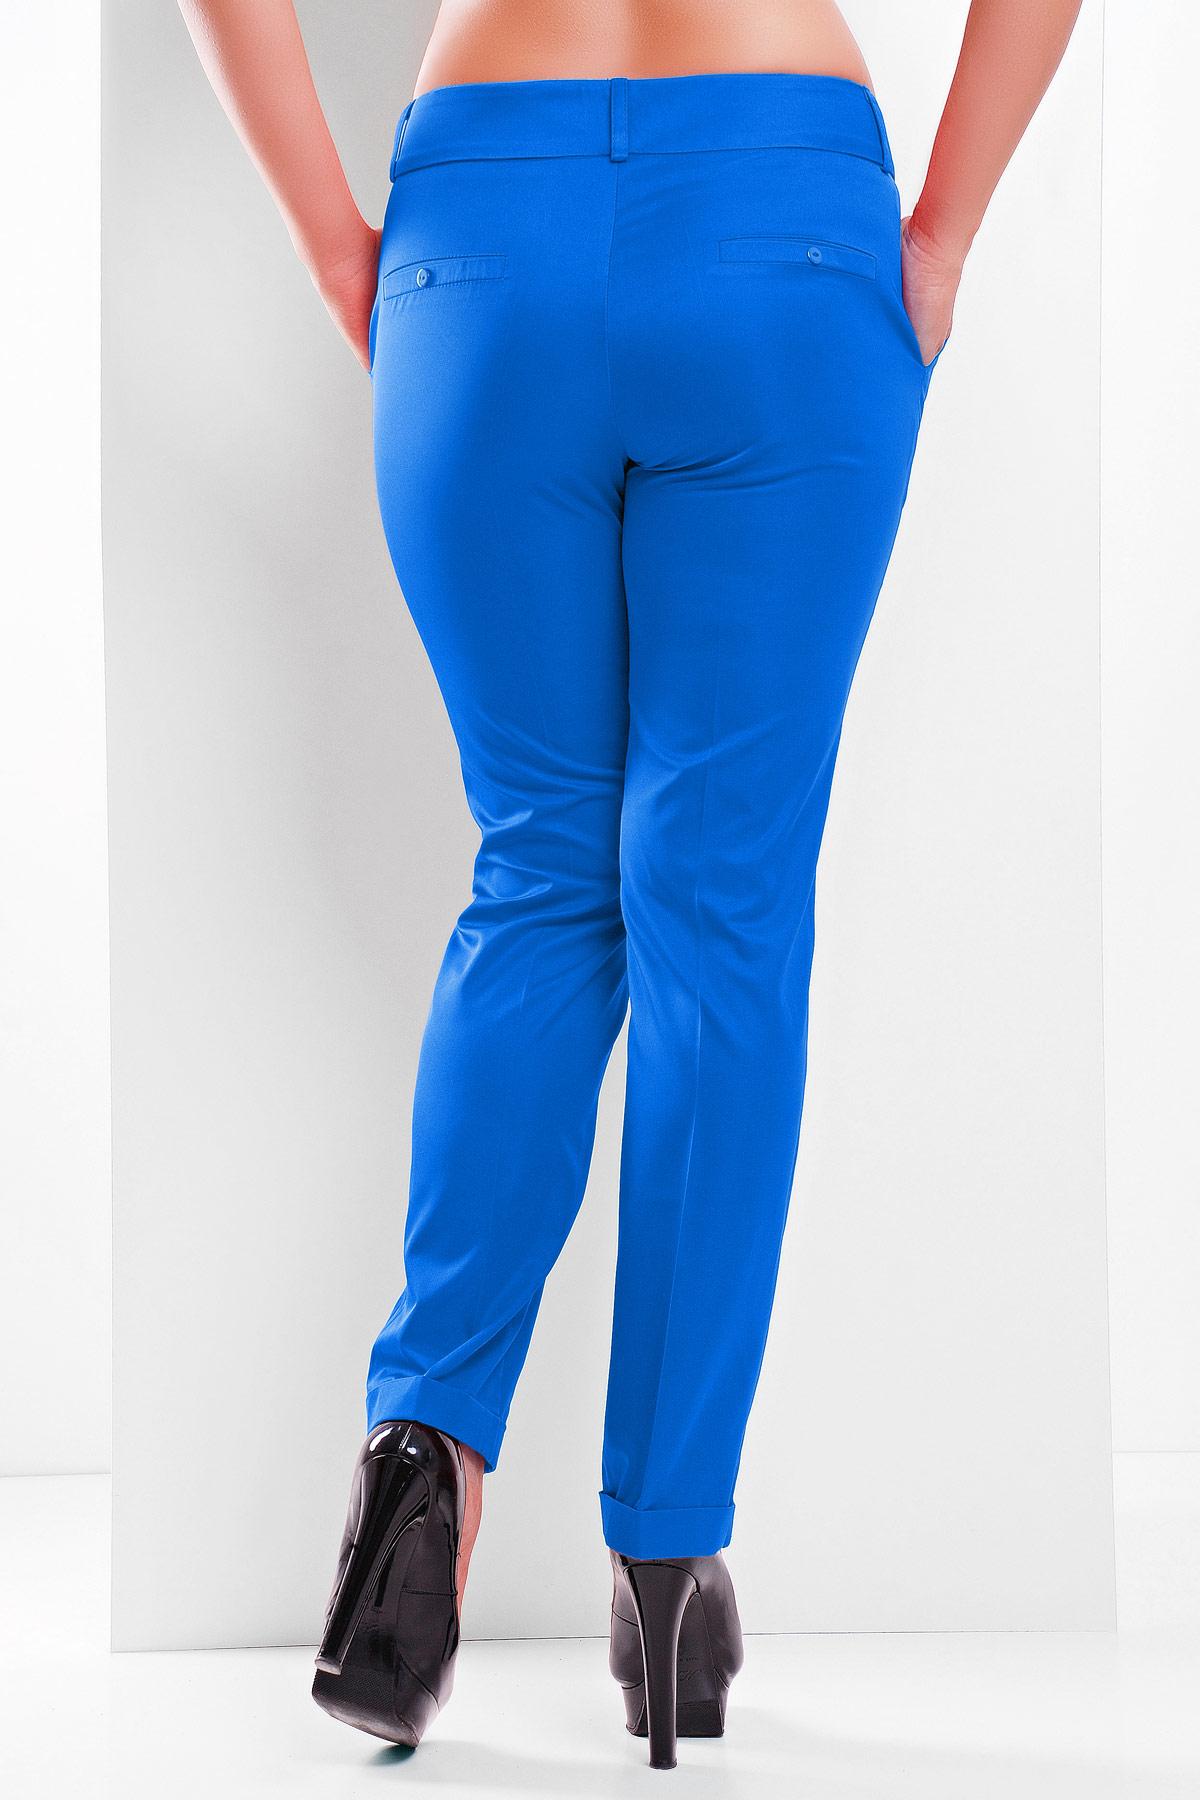 c5b465daa09 женские светлые брюки больших размеров. брюки Хилори-Б. Цвет  электрик  купить